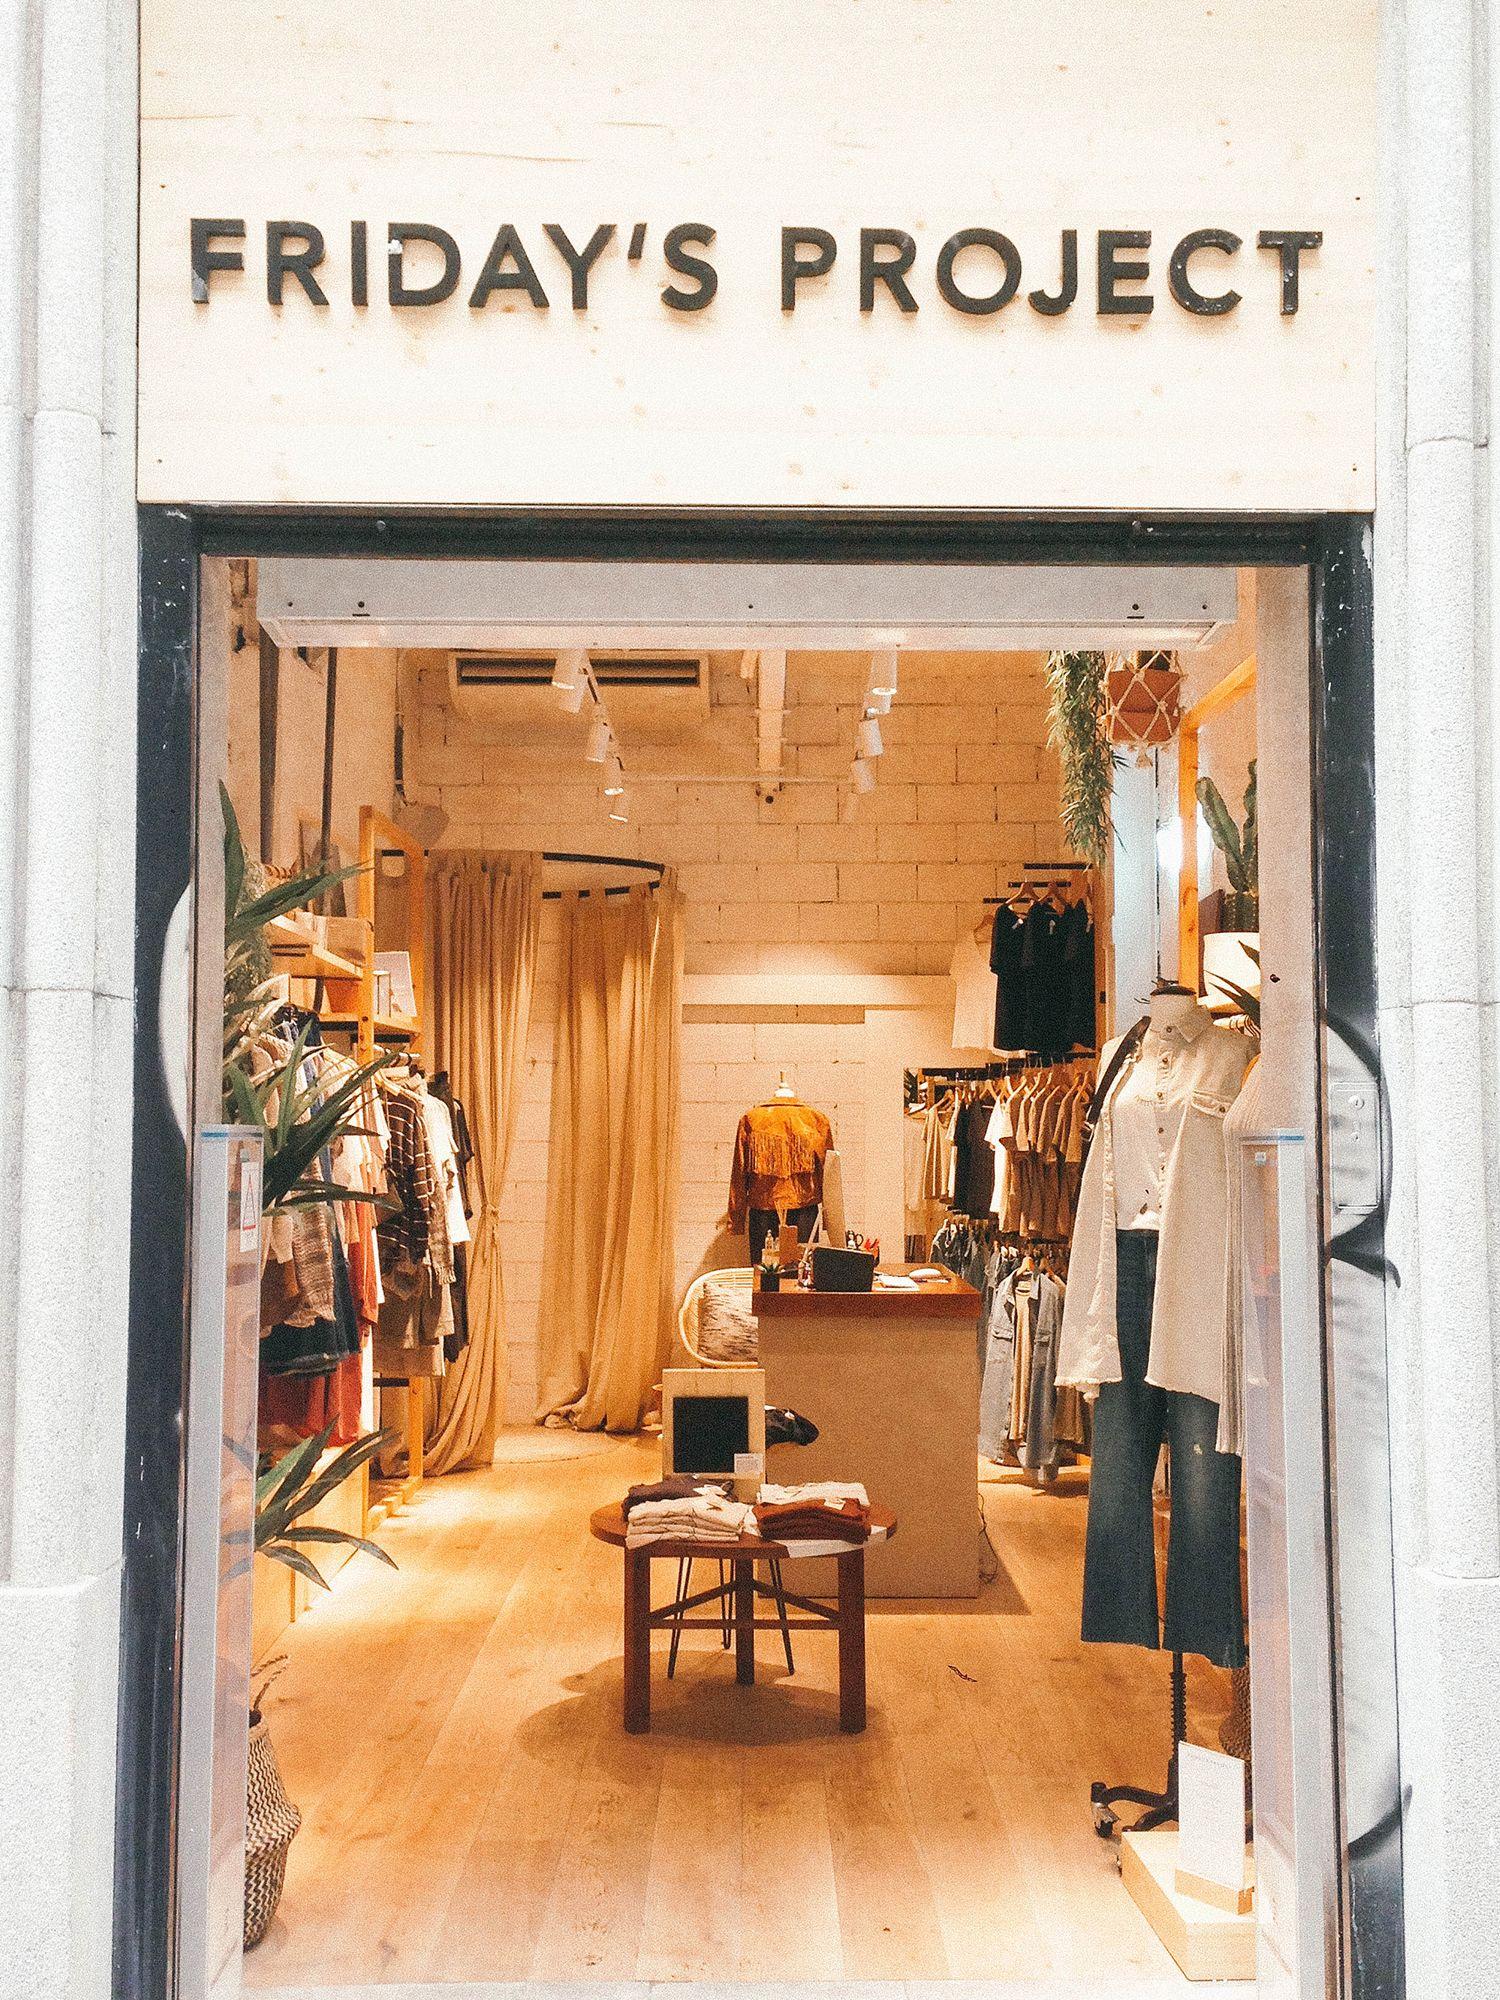 Nuestras prendas se describen con sensaciones experiencias y creatividad Ropa con alma para mujeres con personalidad Explora nuestra shop online